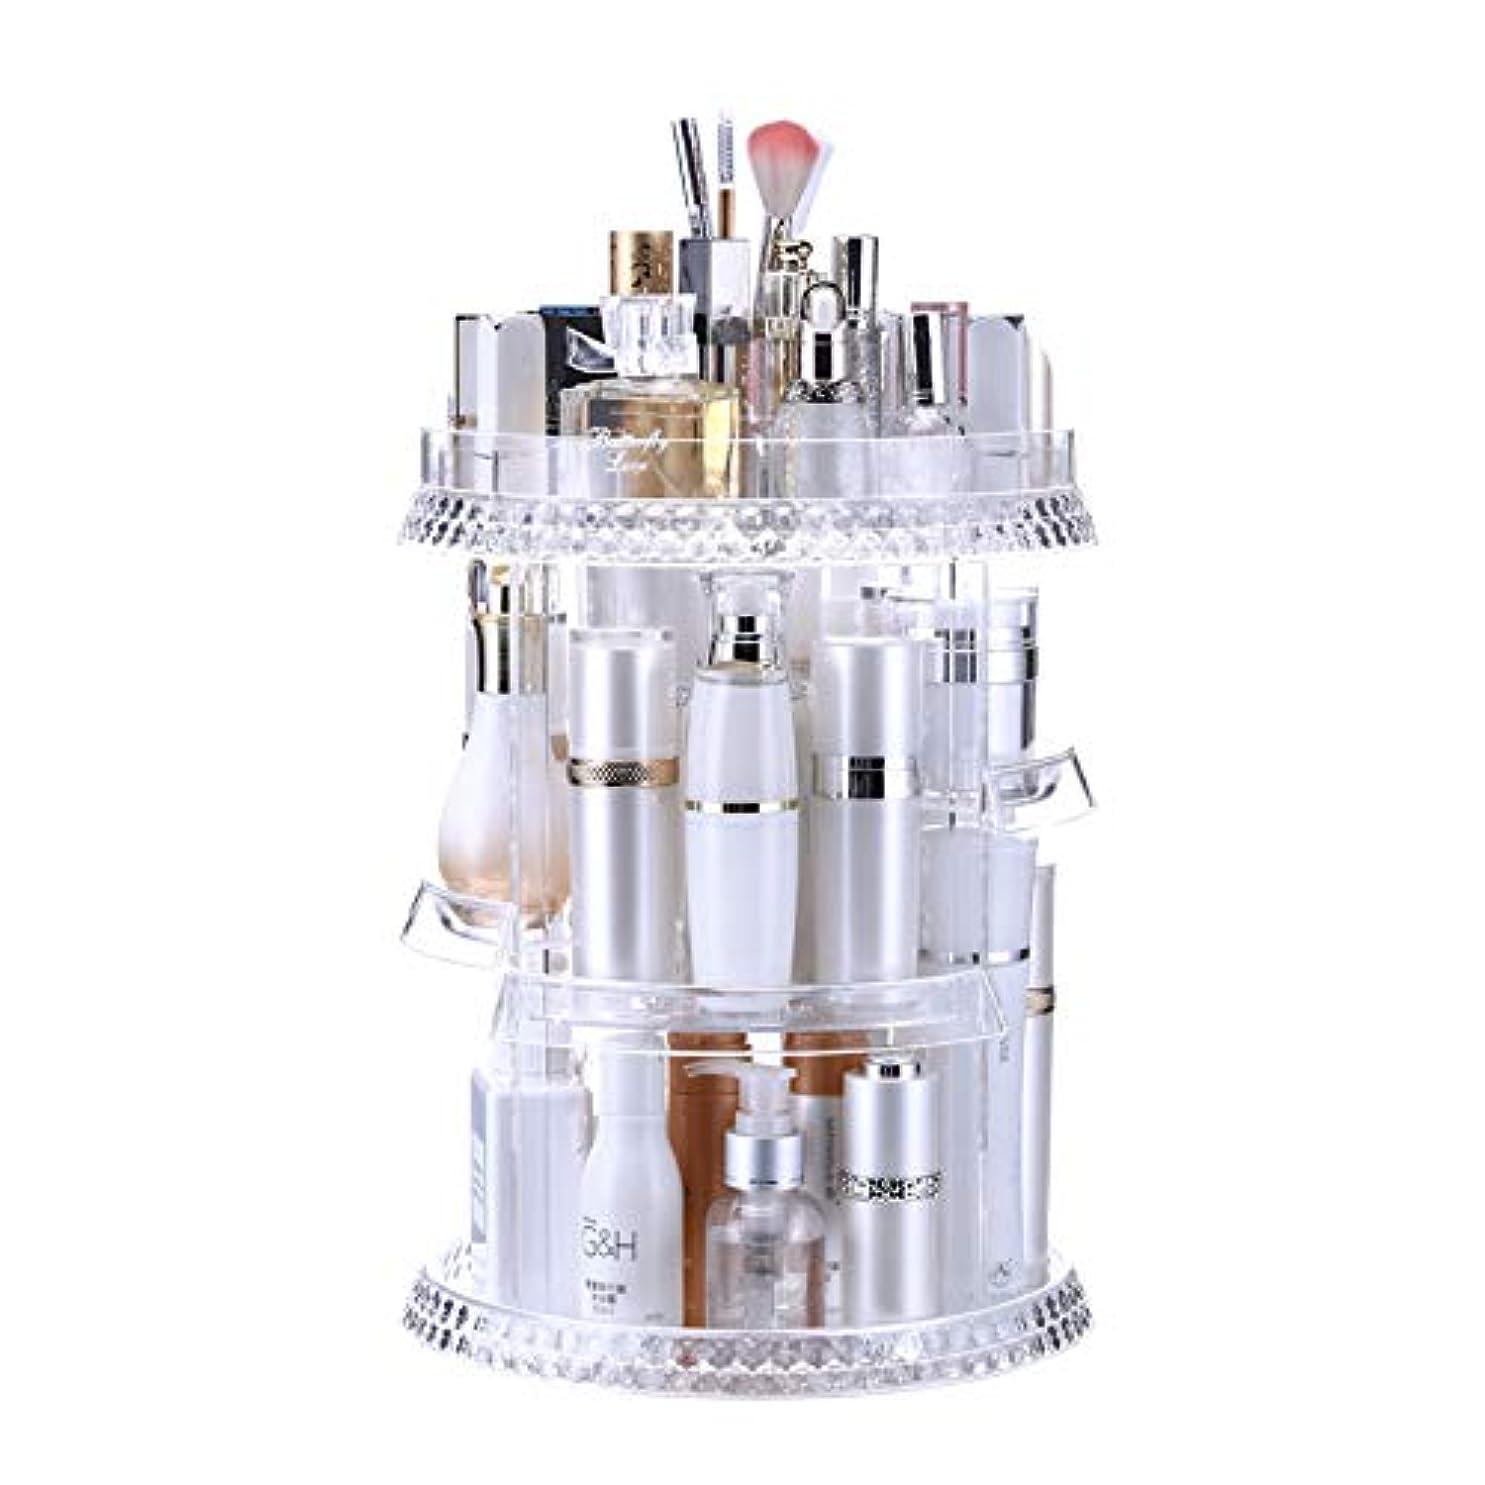 メイクボックス 化粧品収納ケース360度回転式コスメ収納ボックス 引き出し大容量 調節可能 組み立て式 きらきら 高透明度 丸洗いでき 化粧品 入れ 女の子のギフト